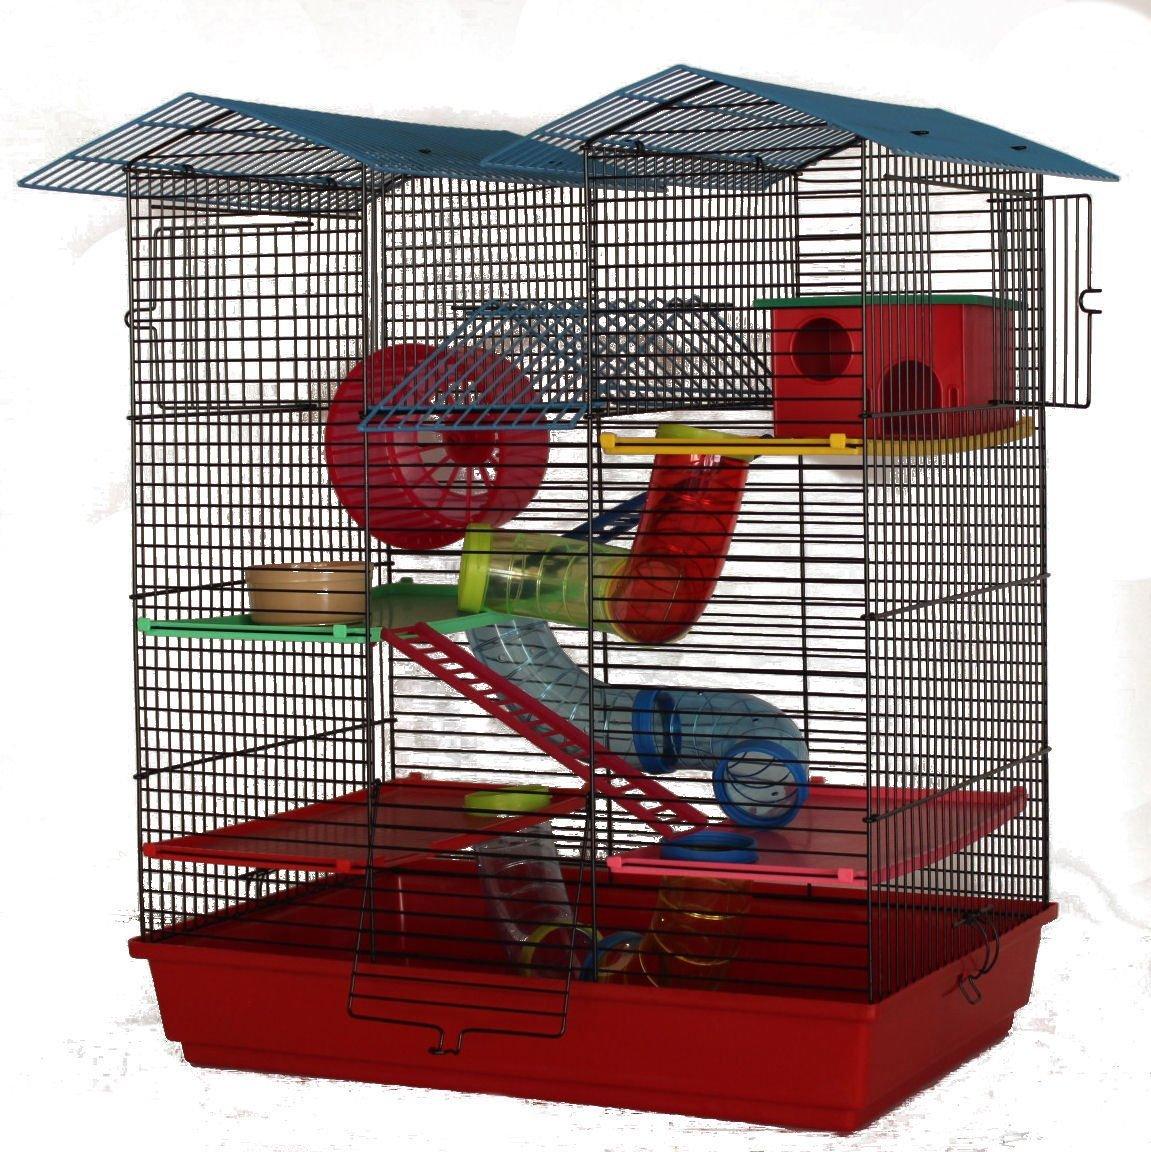 Hamsterkäfig mit Gittern und Rohre